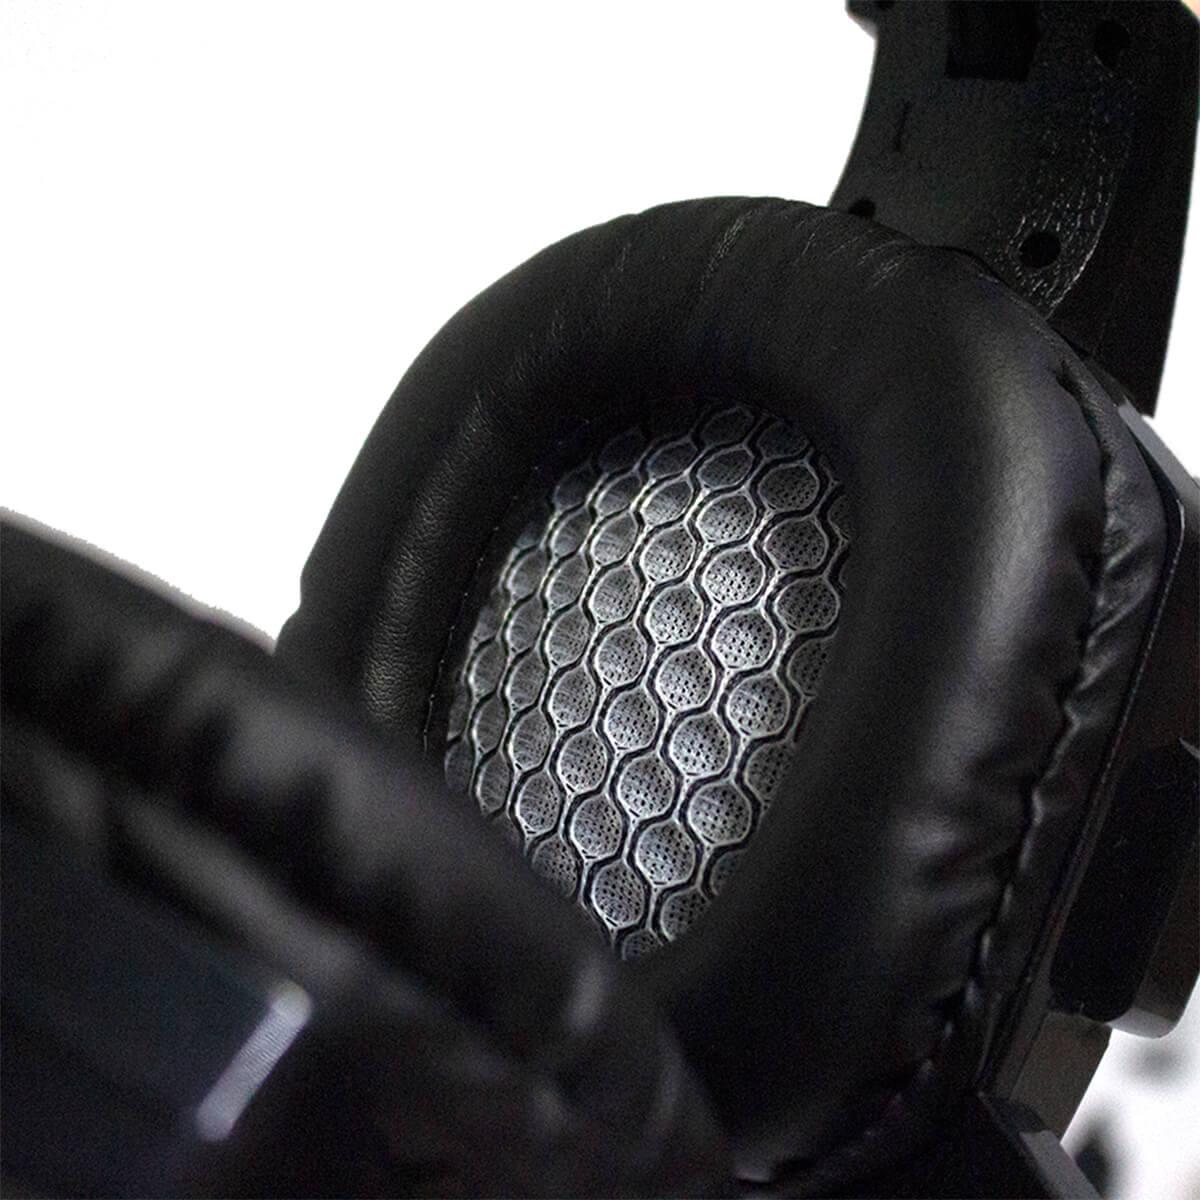 KIT Headset Gamer com Microfone e LEDs Coloridos Infokit GH-X20 com Adaptador P3 x P2